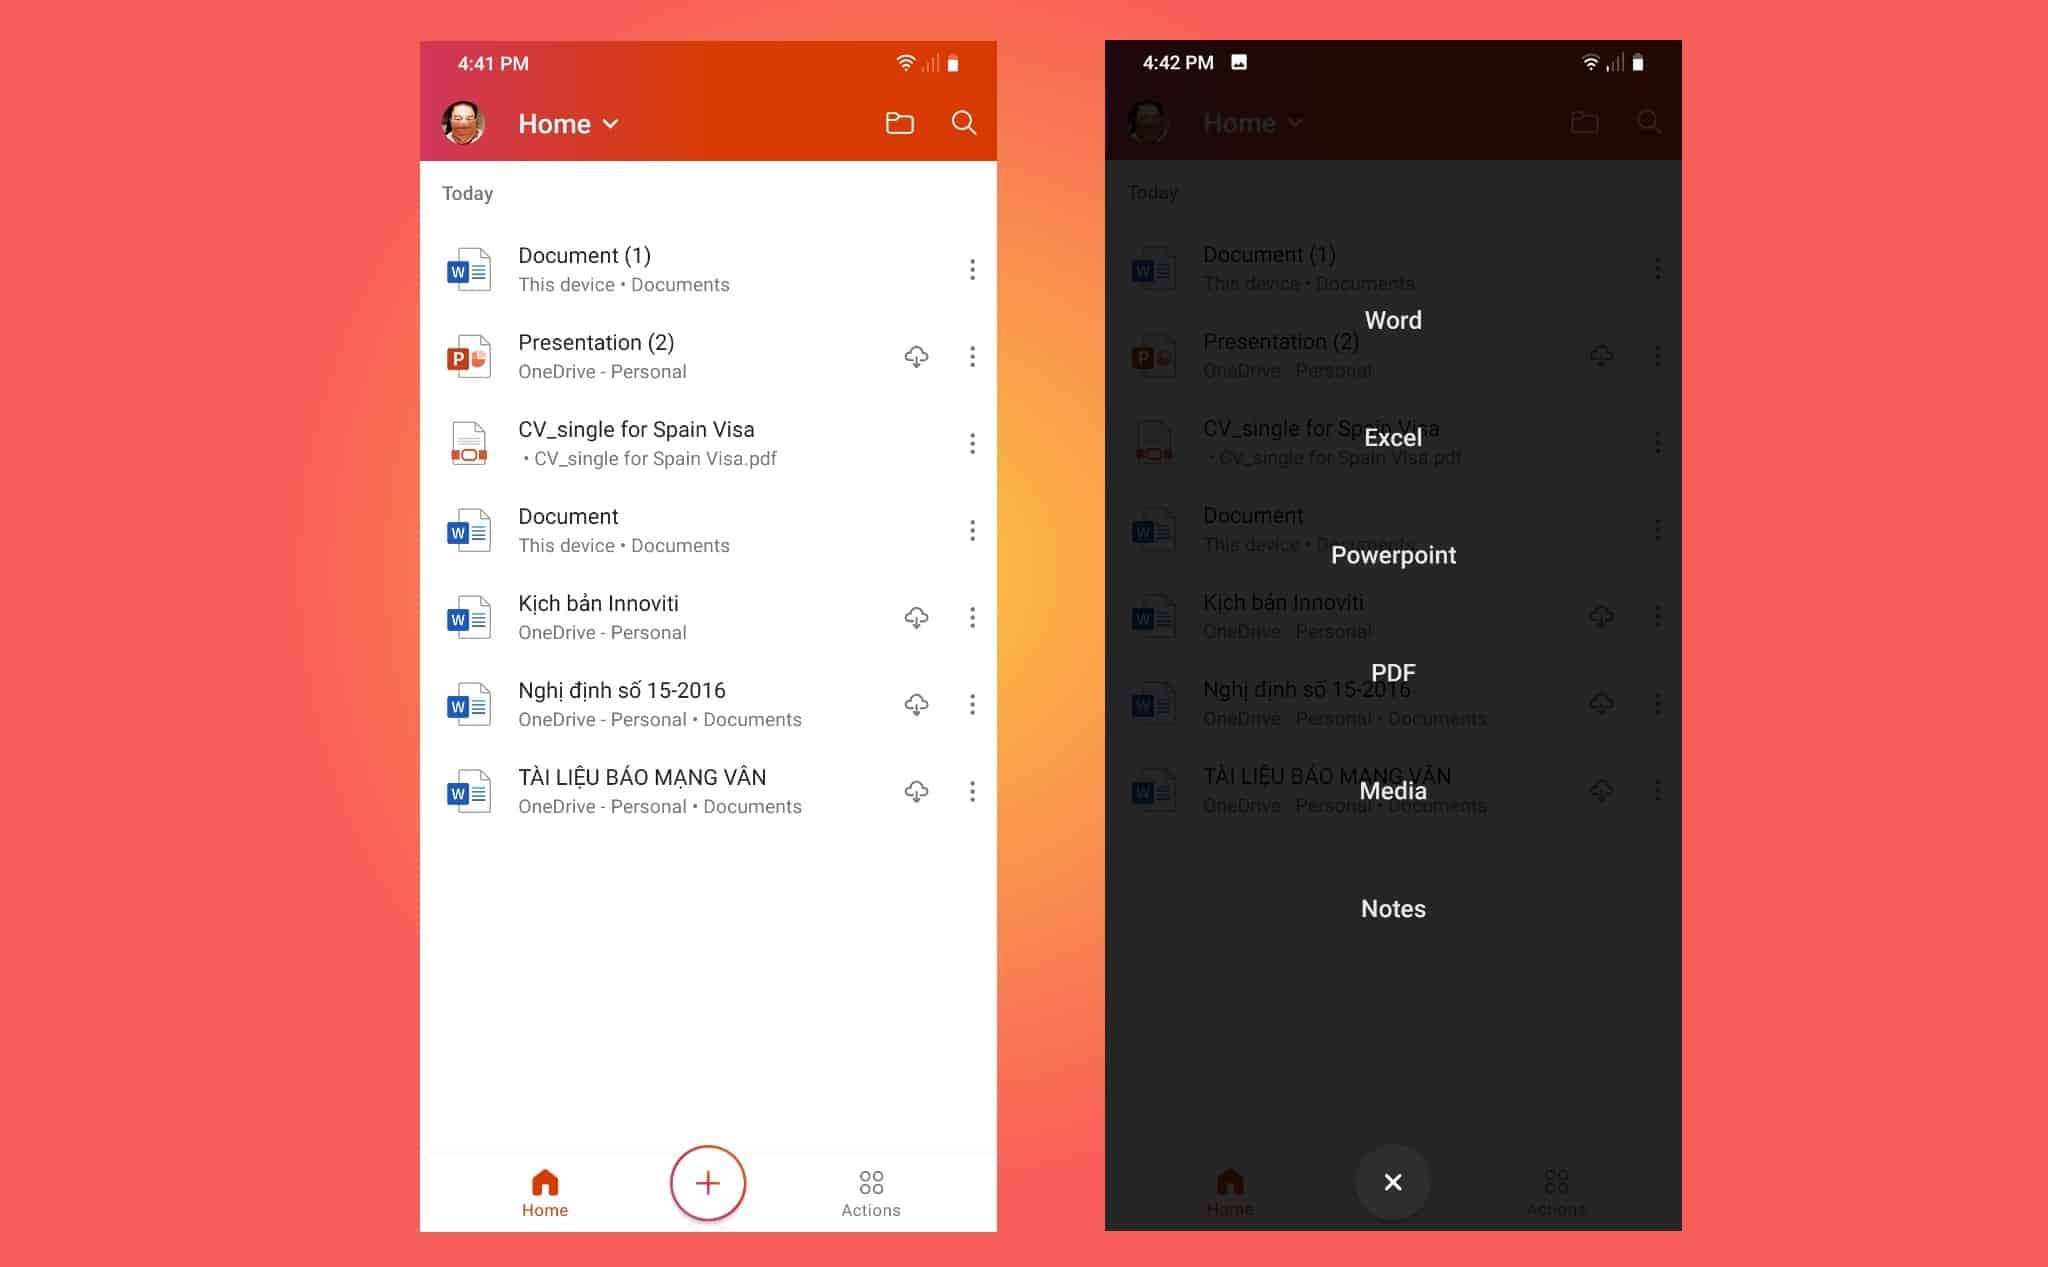 Trải nghiệm Office mới trên Android